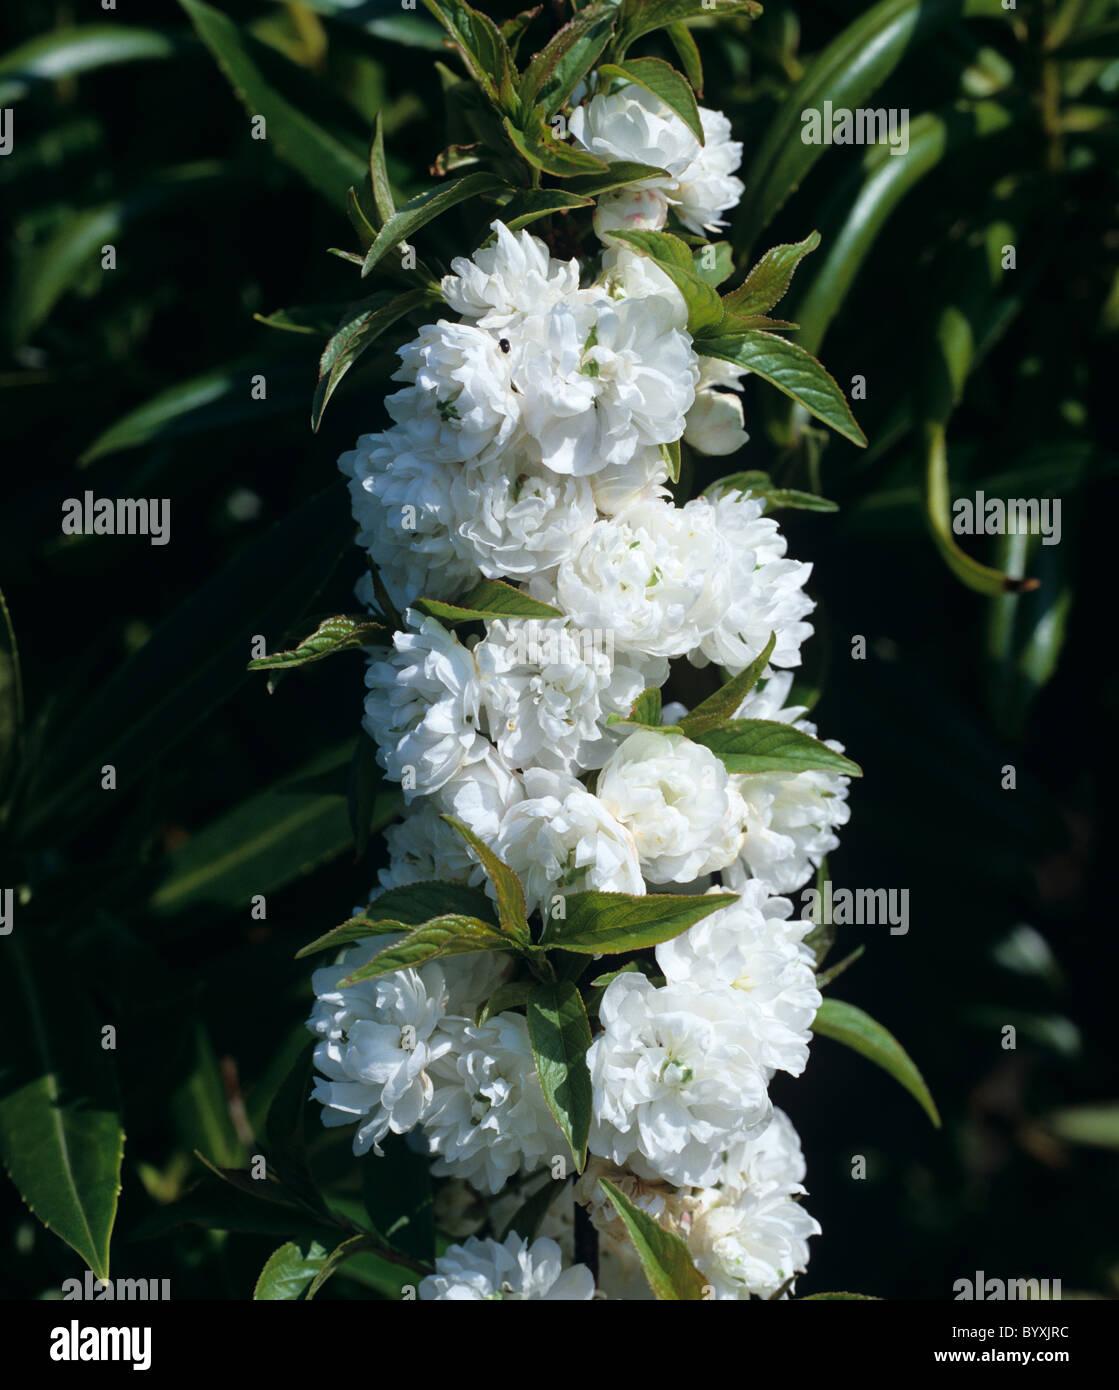 Prunus glandulosa 'Alba Plena' flowering cherry - Stock Image